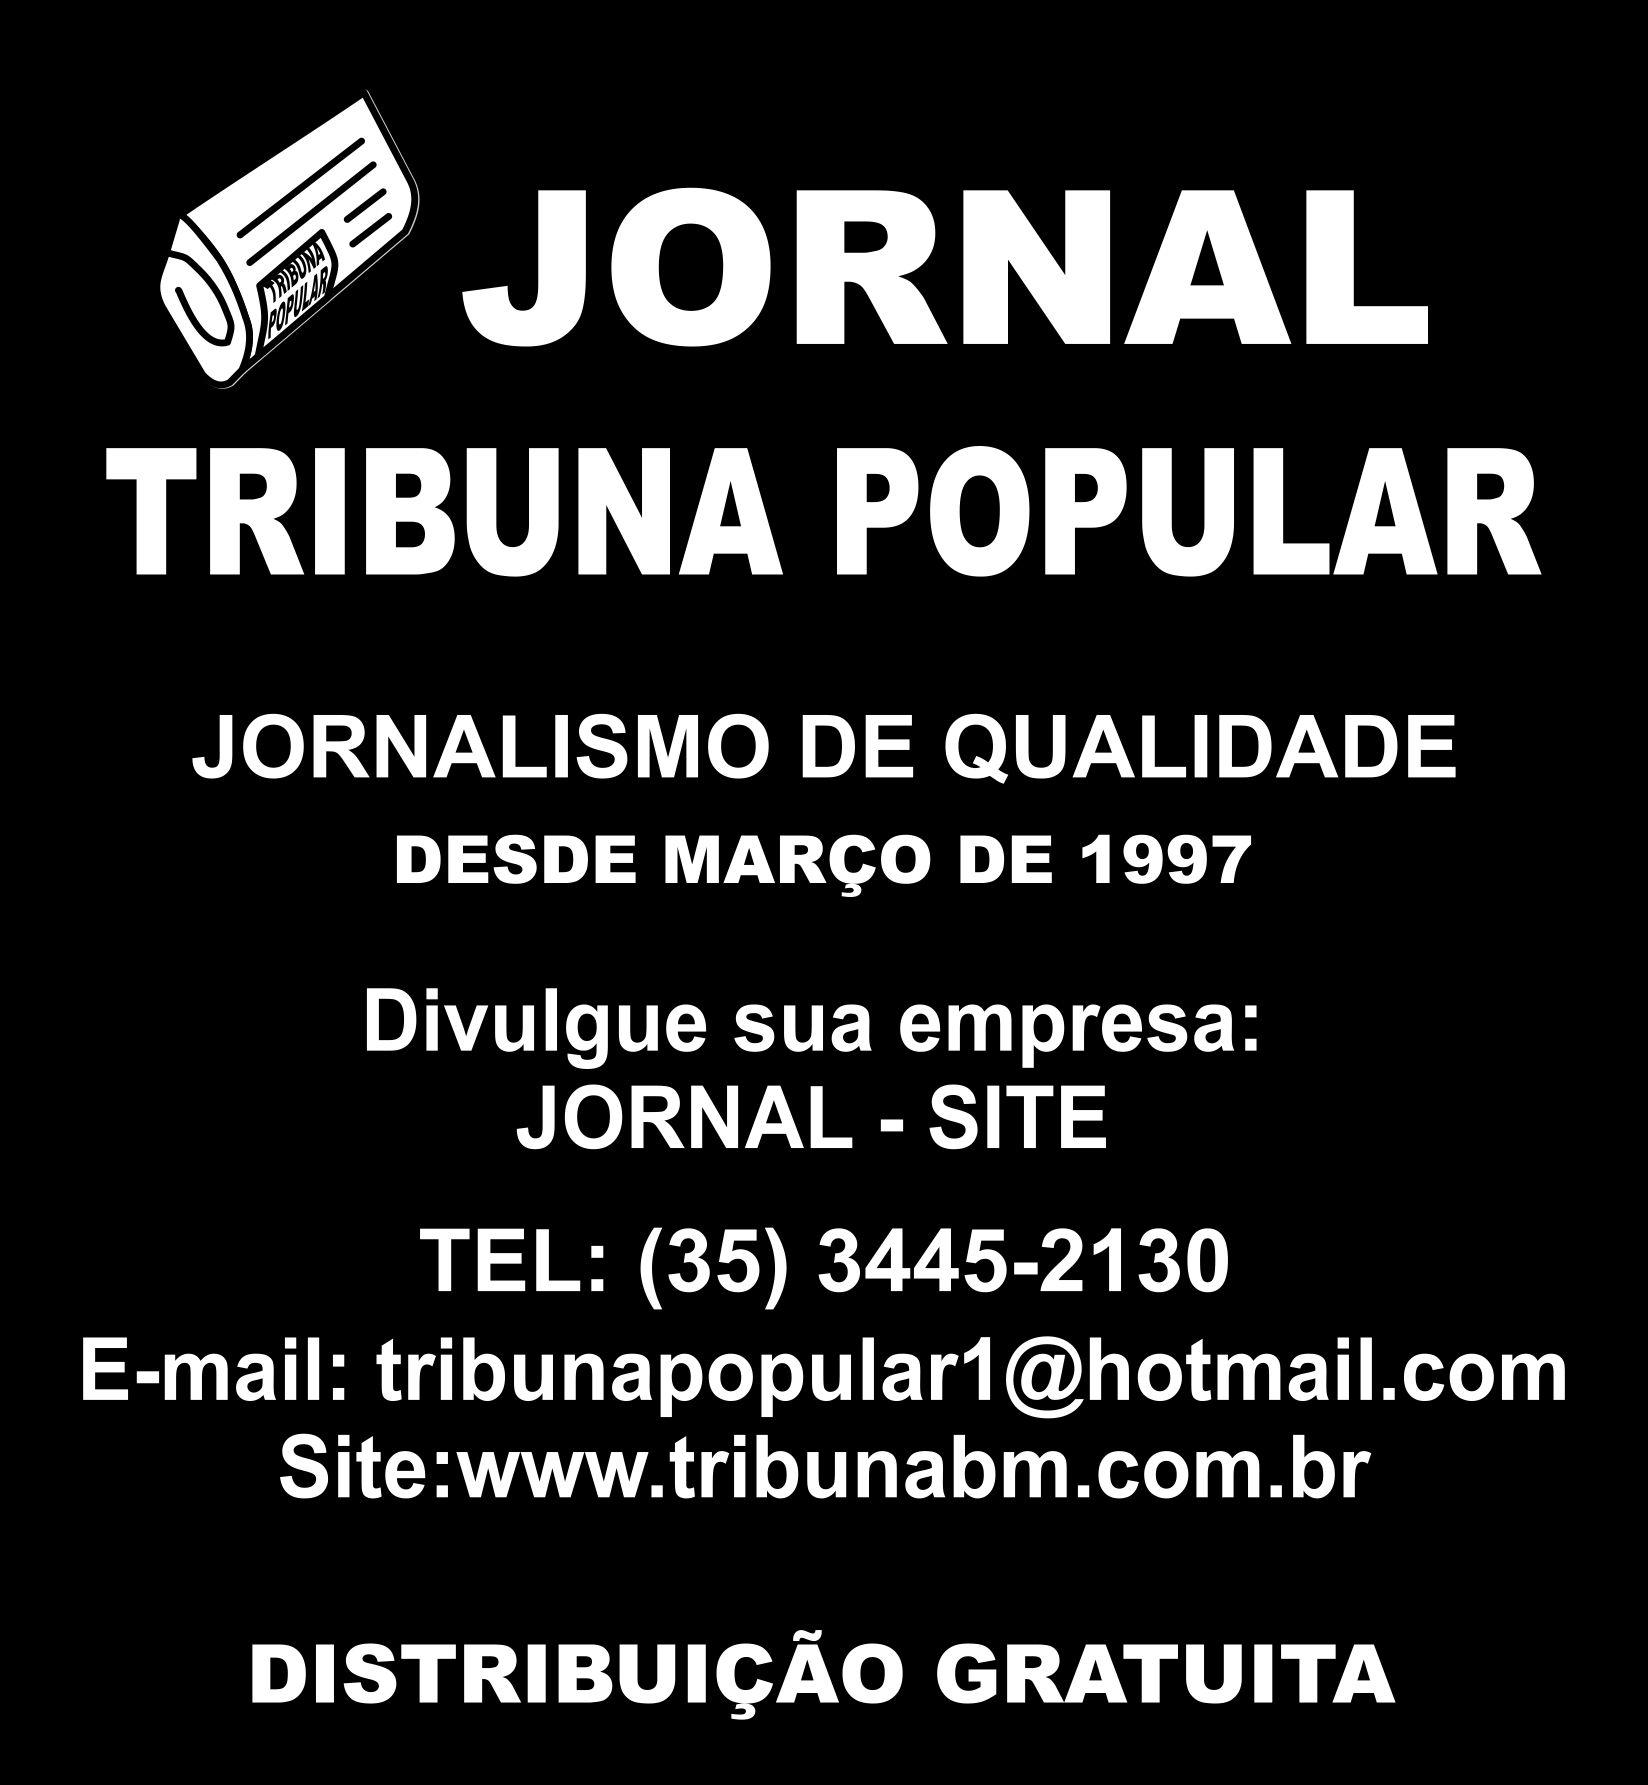 jornal-tribuna